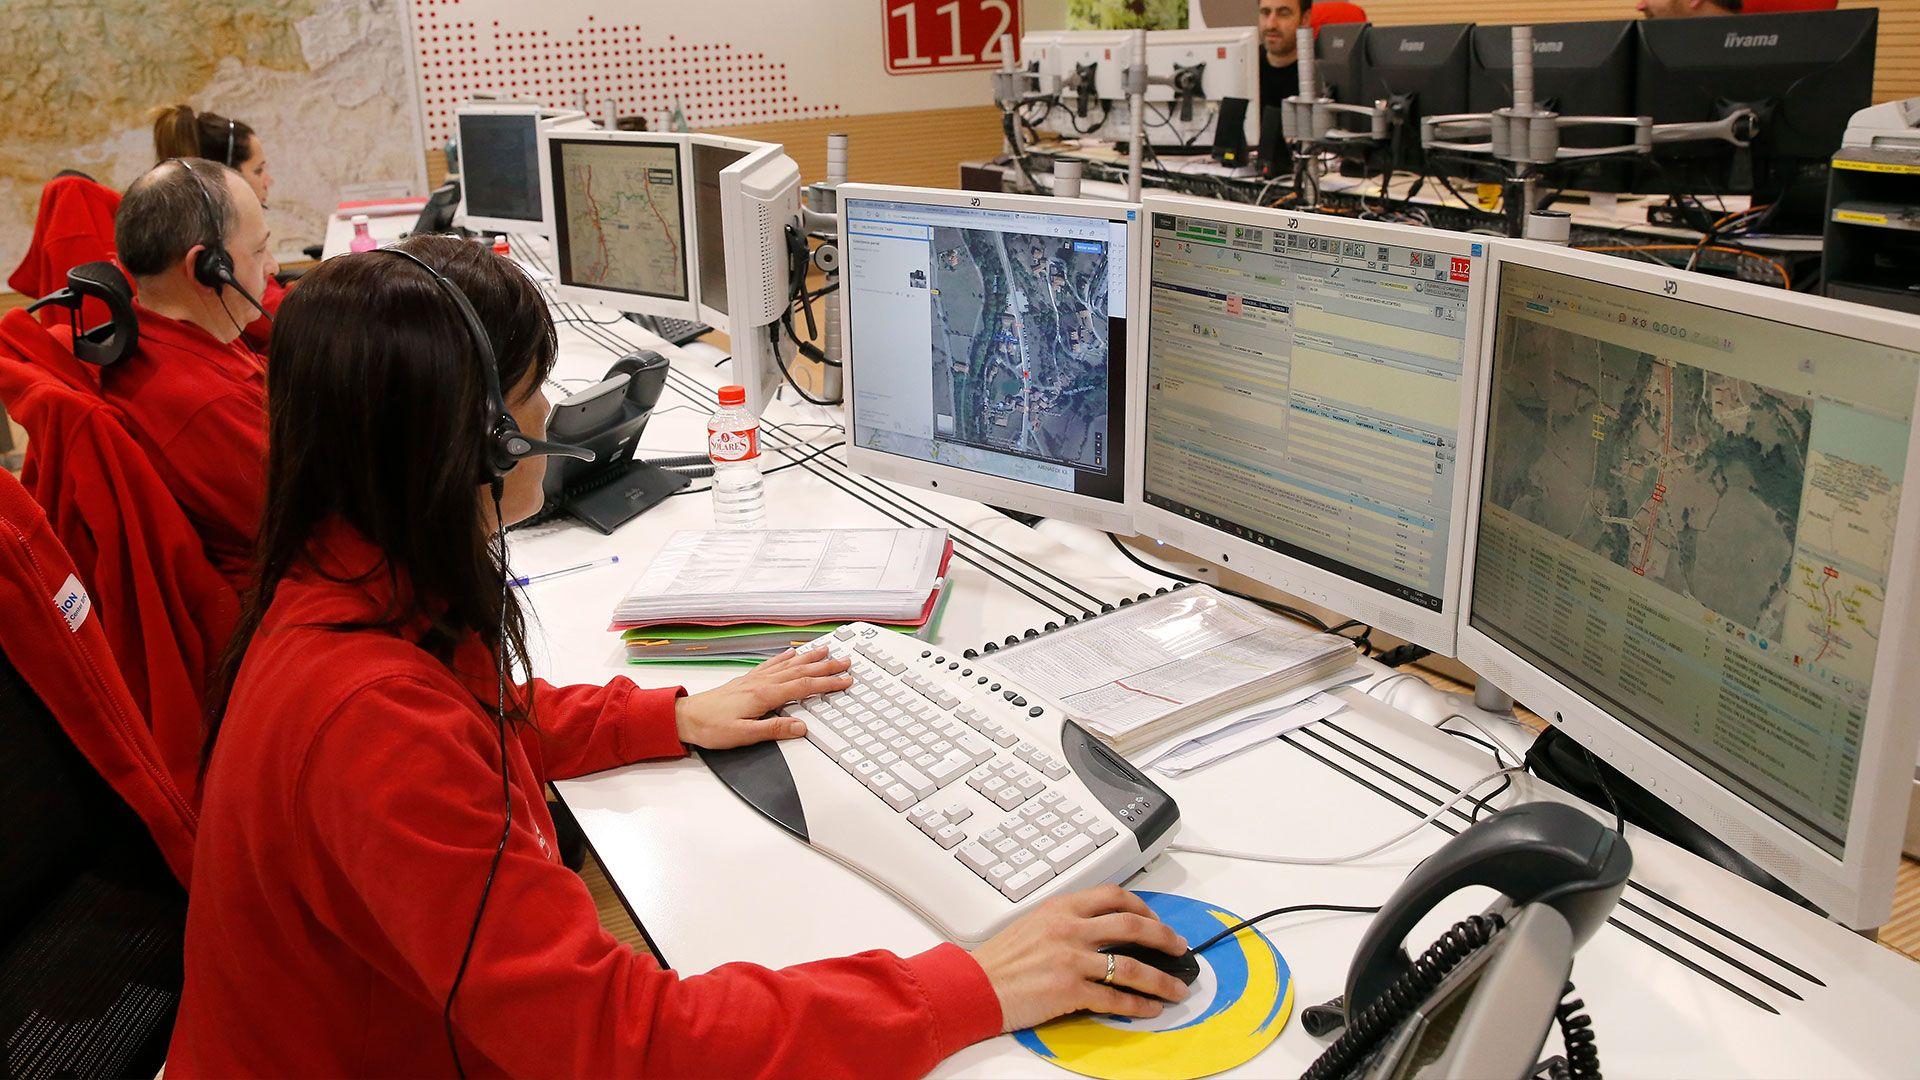 112 centro de emergencias de cantabria